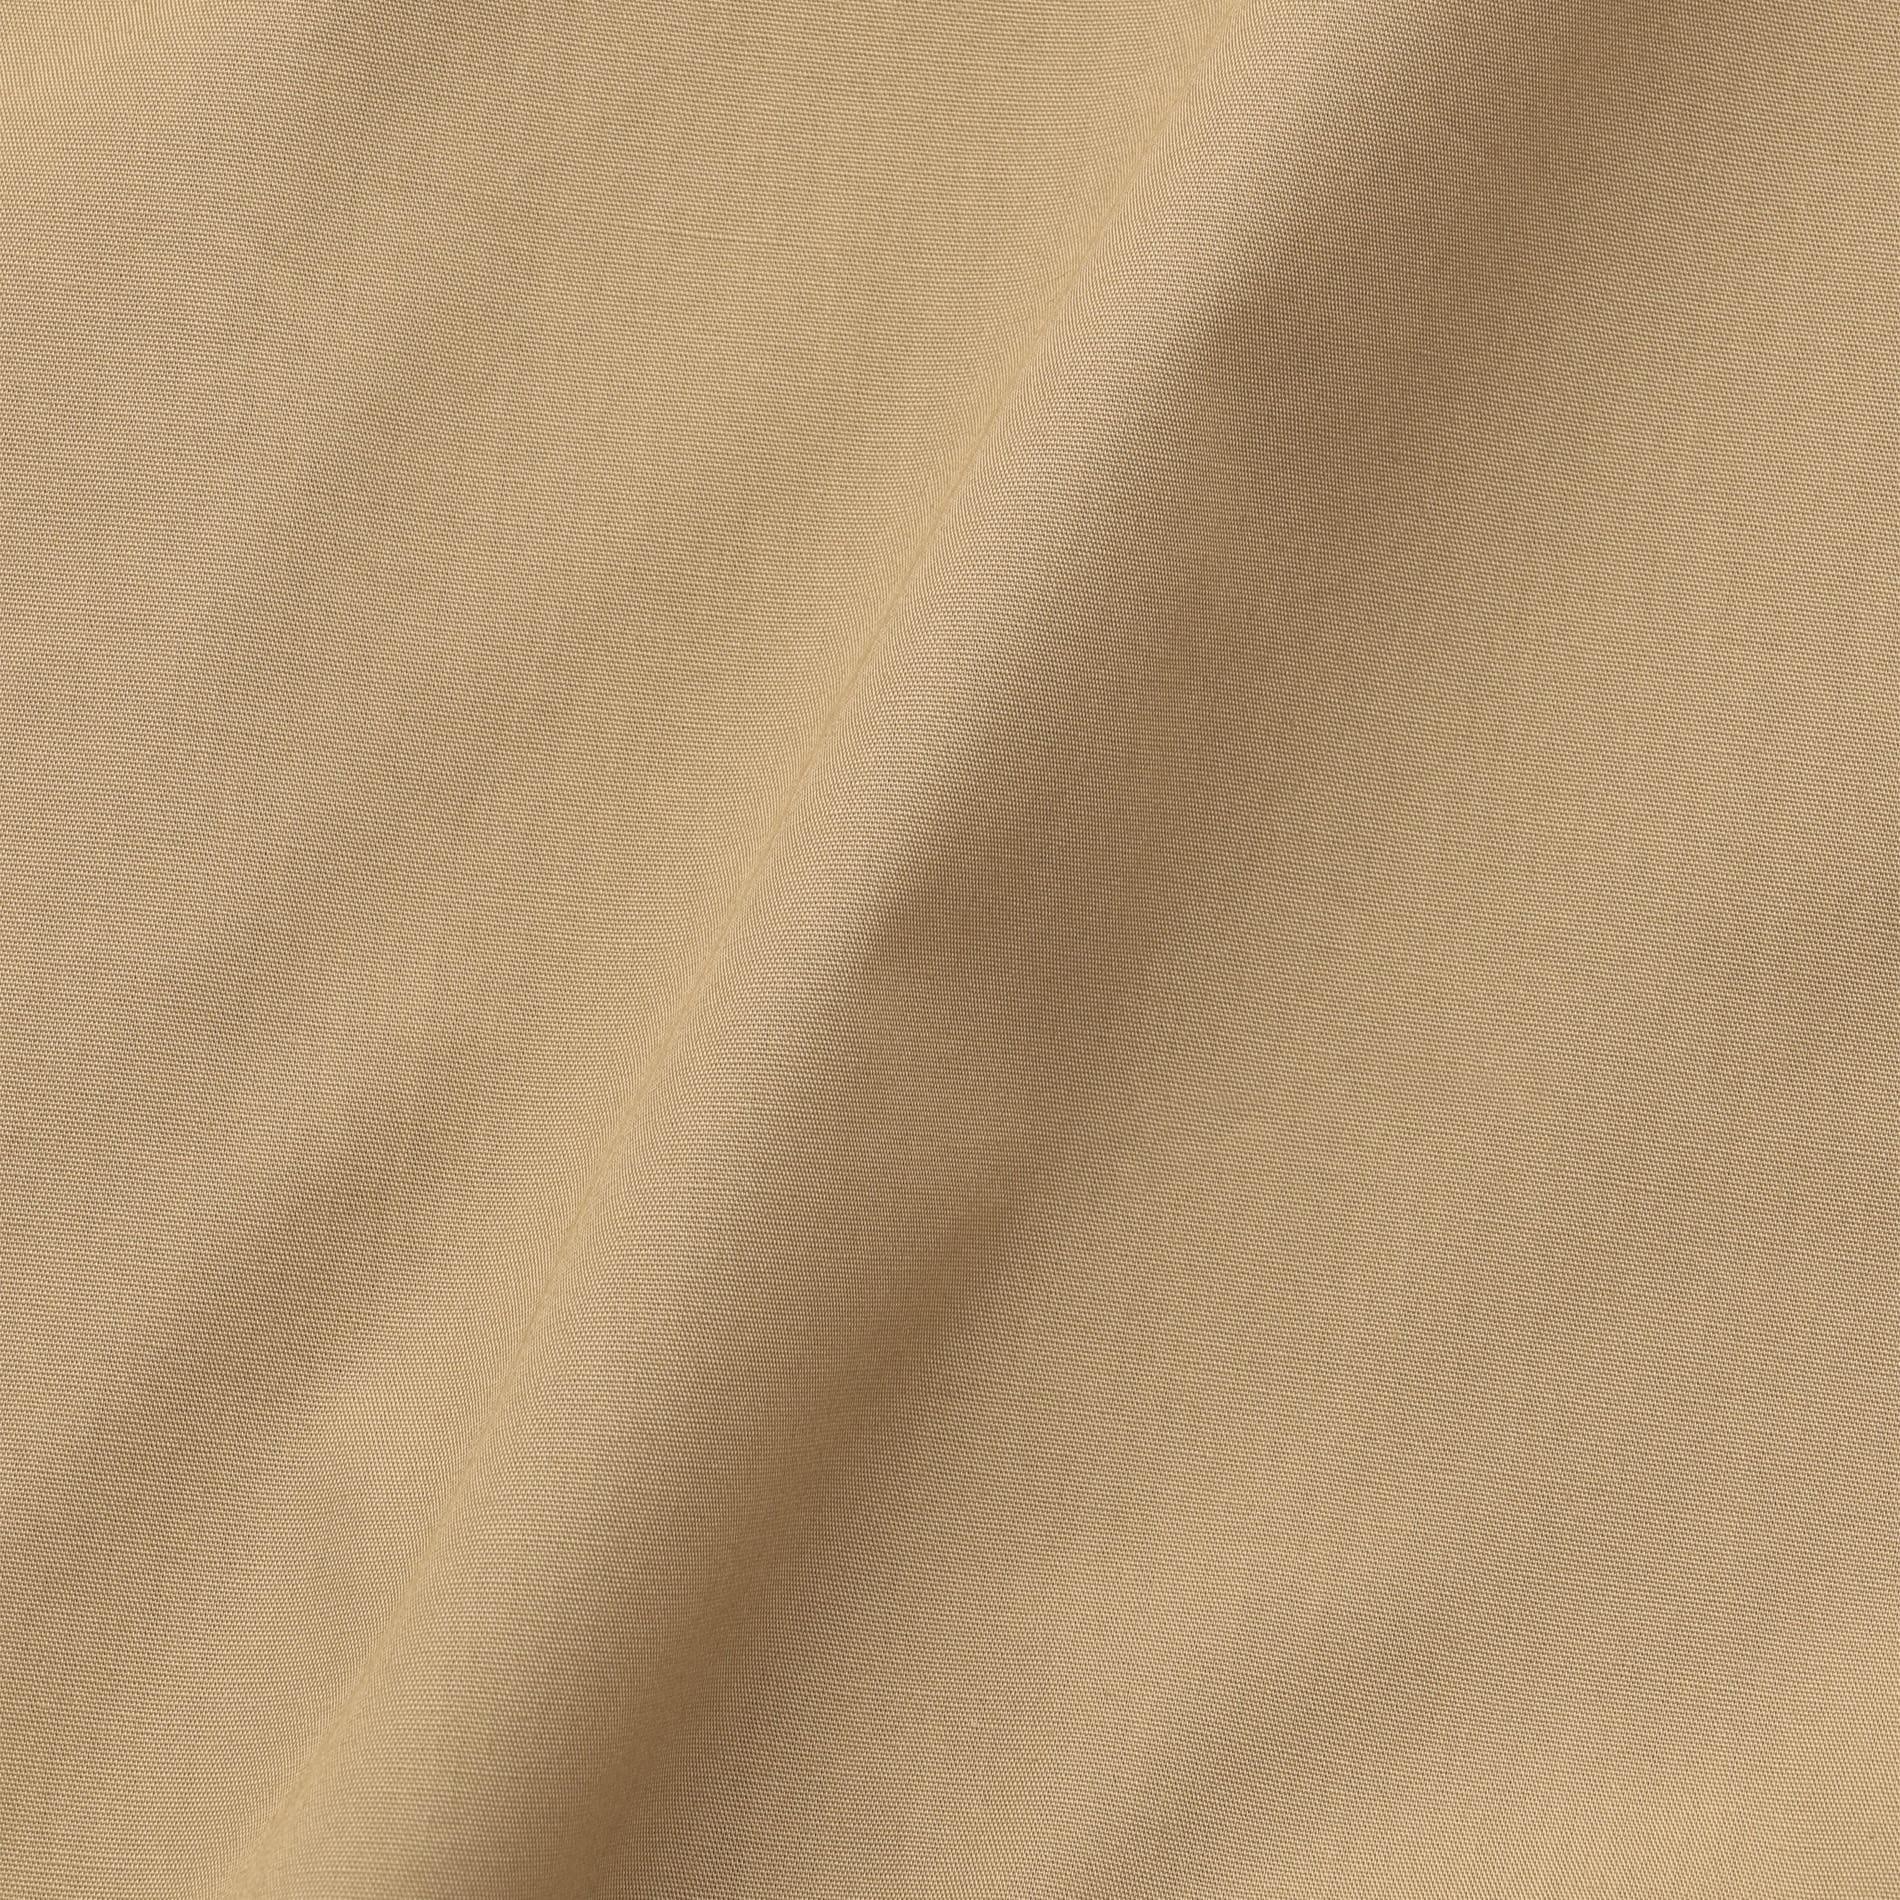 ブロードシャツワンピース